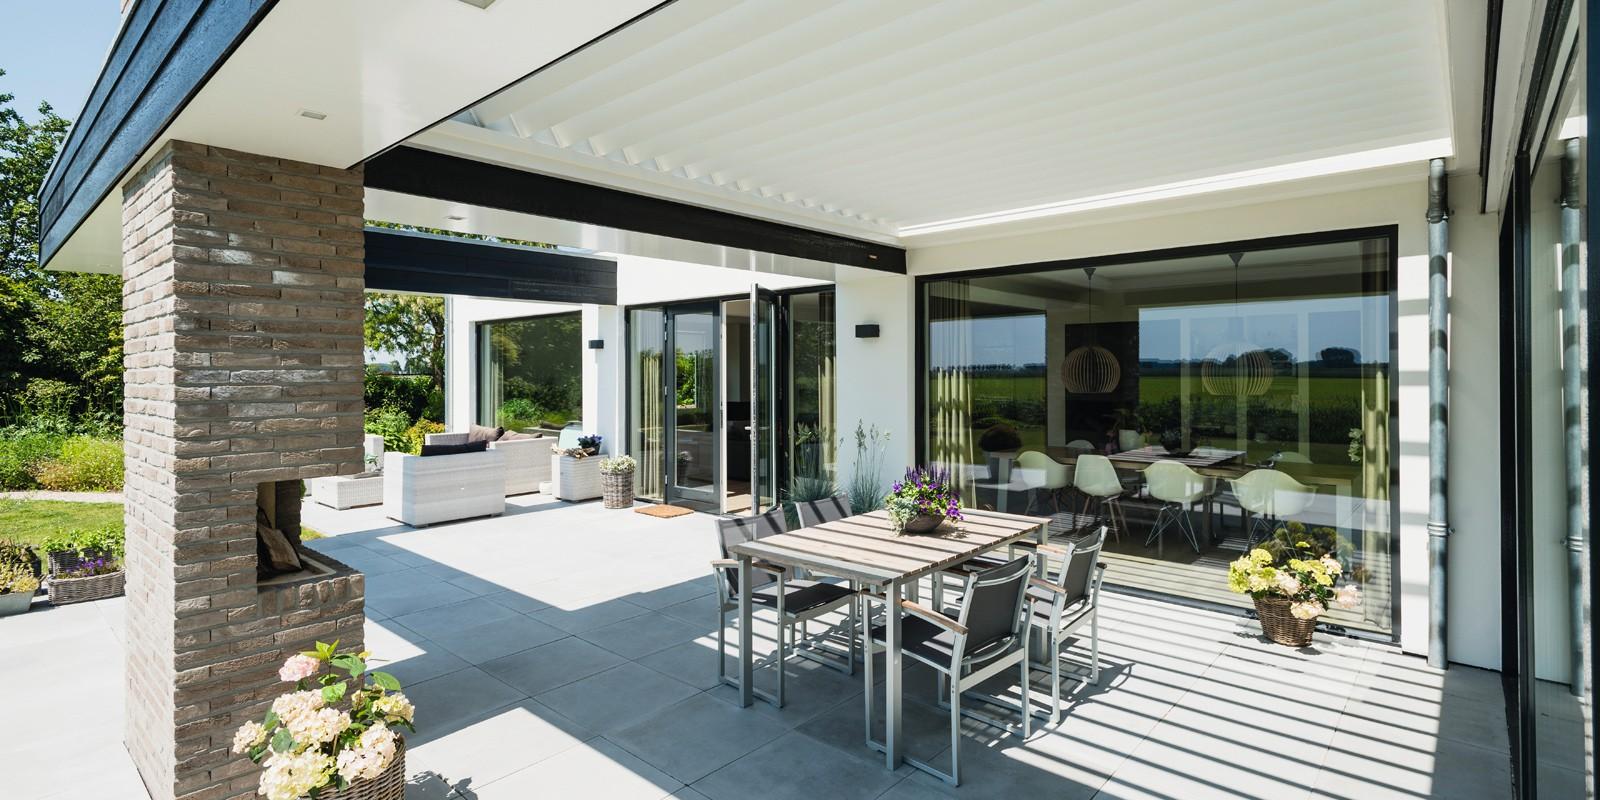 Stijlvol een lamellen overkapping voor terras of tuin nieuws startpagina voor tuin idee n - Modern overdekt terras ...